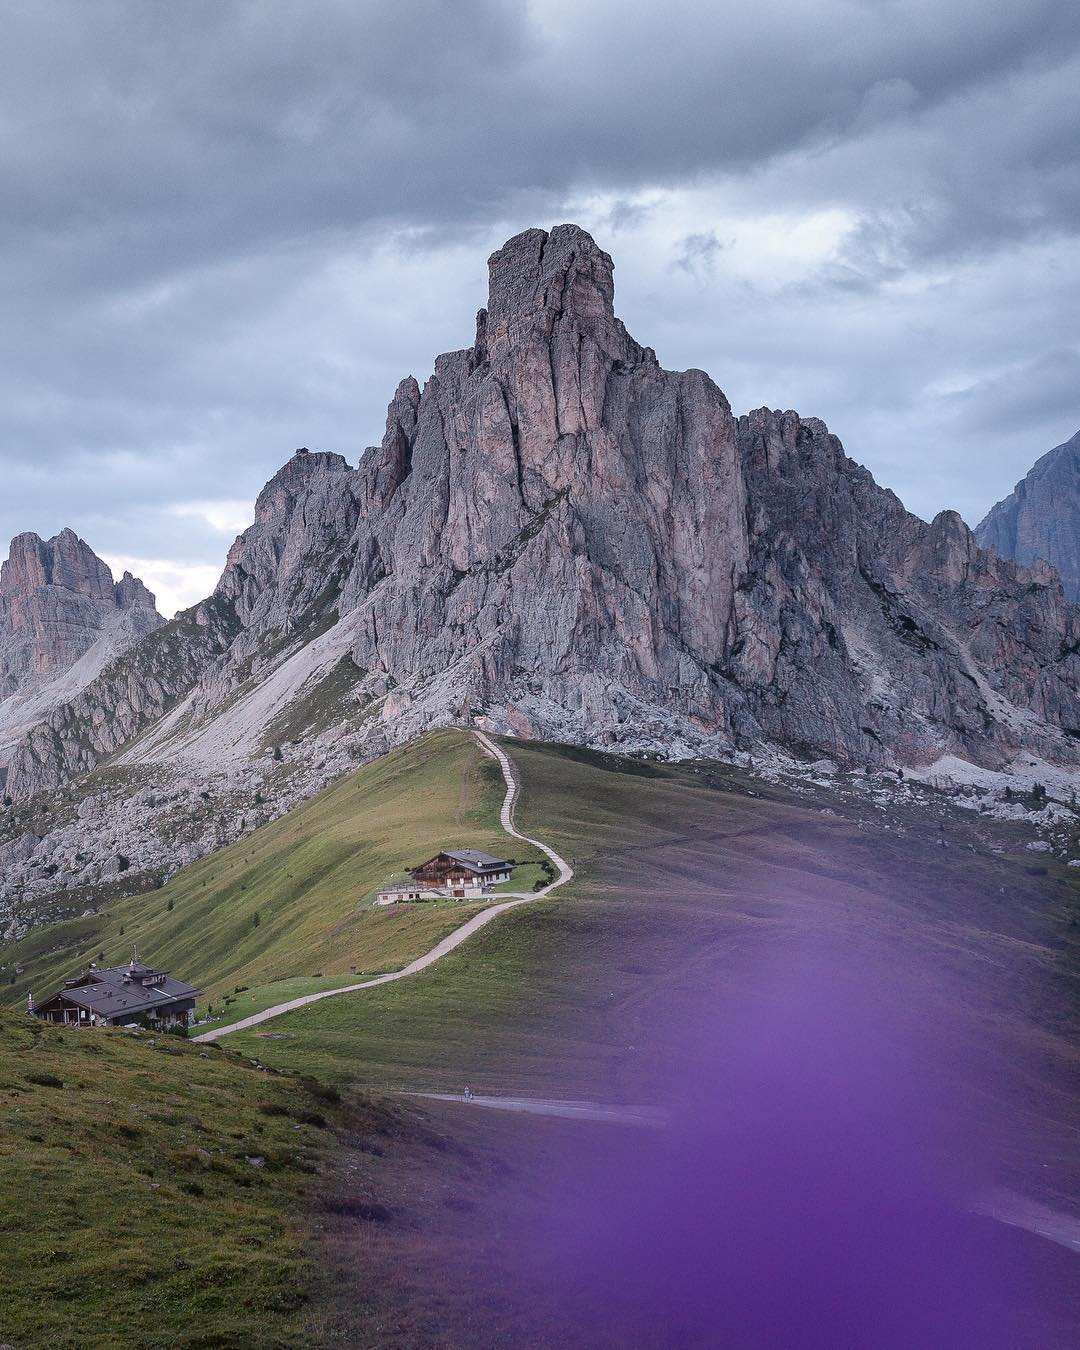 Горные пейзажи и путешествия от Андреа Тура